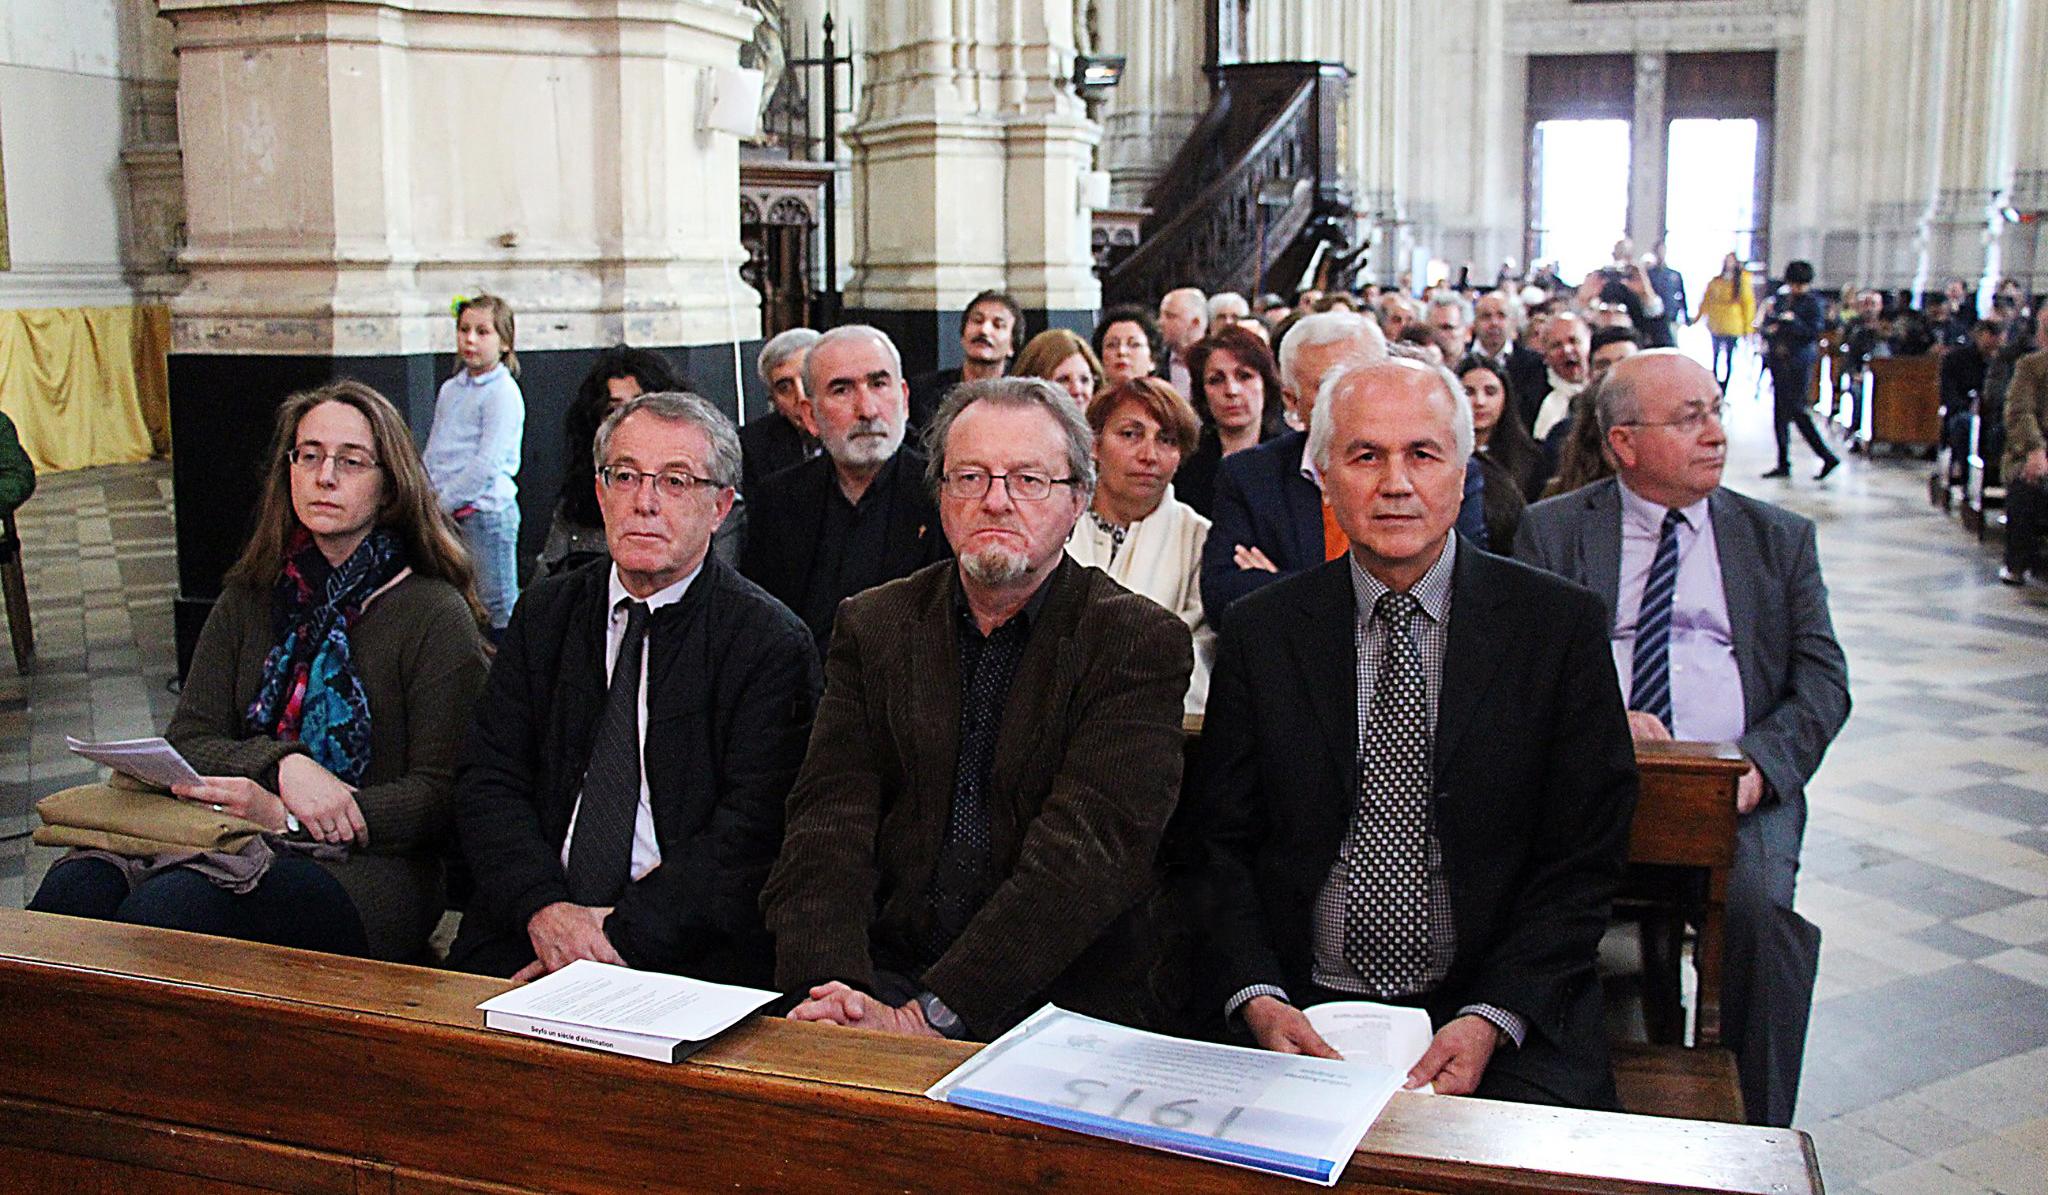 ADO - Genozidkonzert - Brüssel (Belgien)